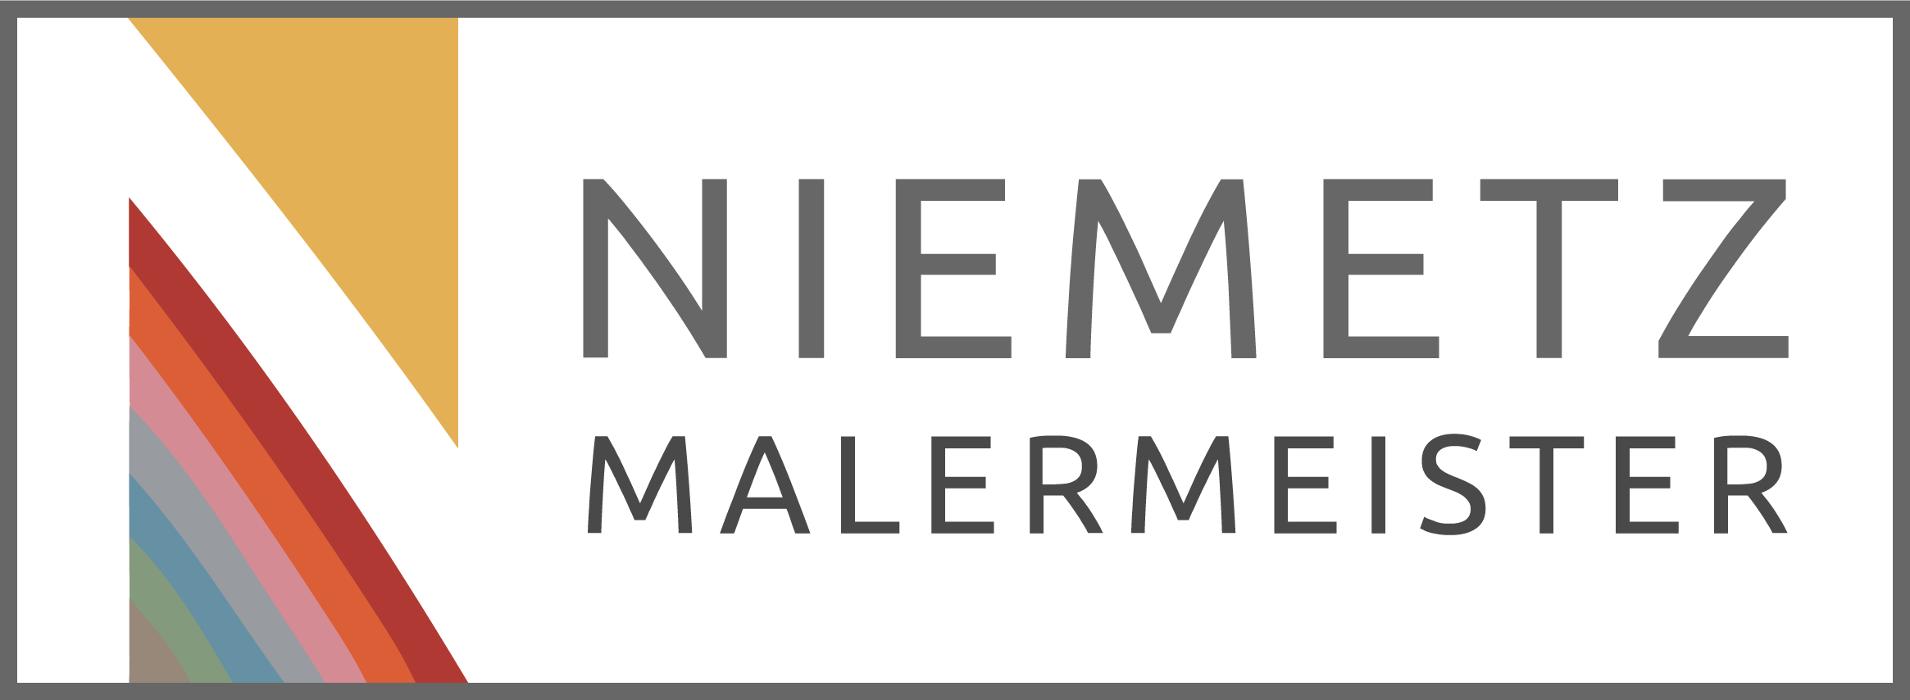 Bild zu Malermeister Niemetz in Braunschweig